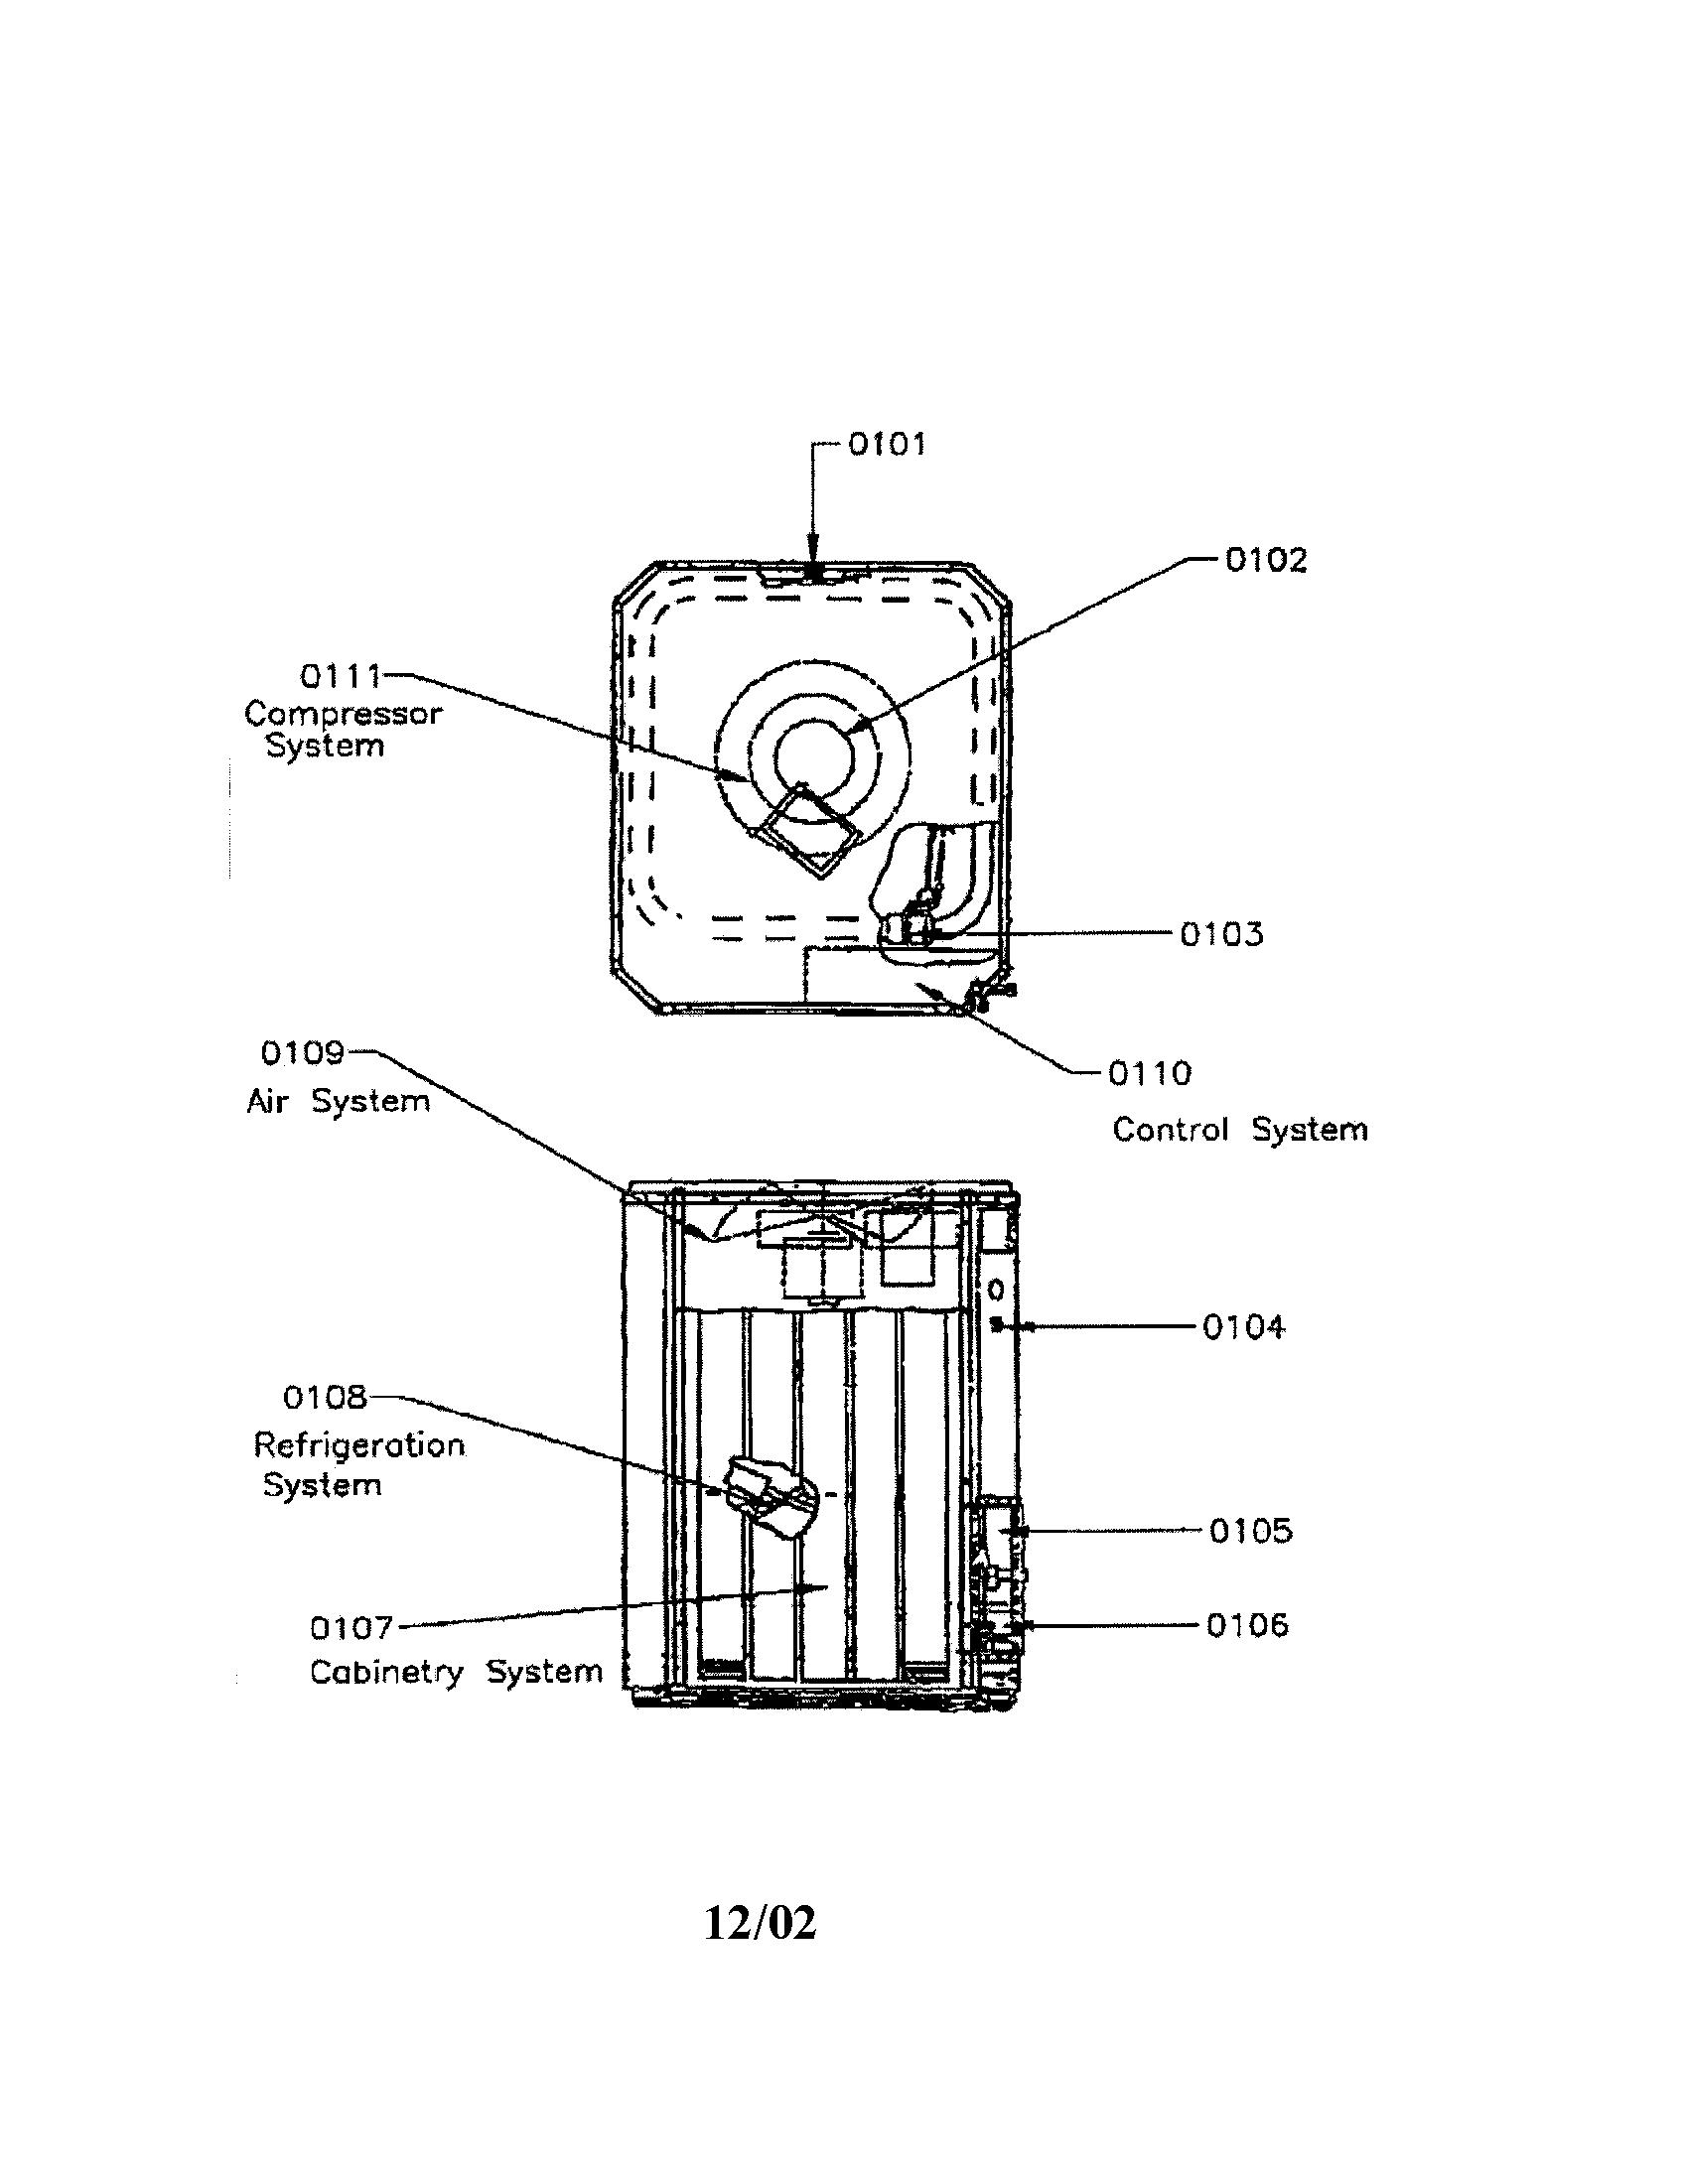 Trane model TWN024AC100A1 air-conditioner/heat pump